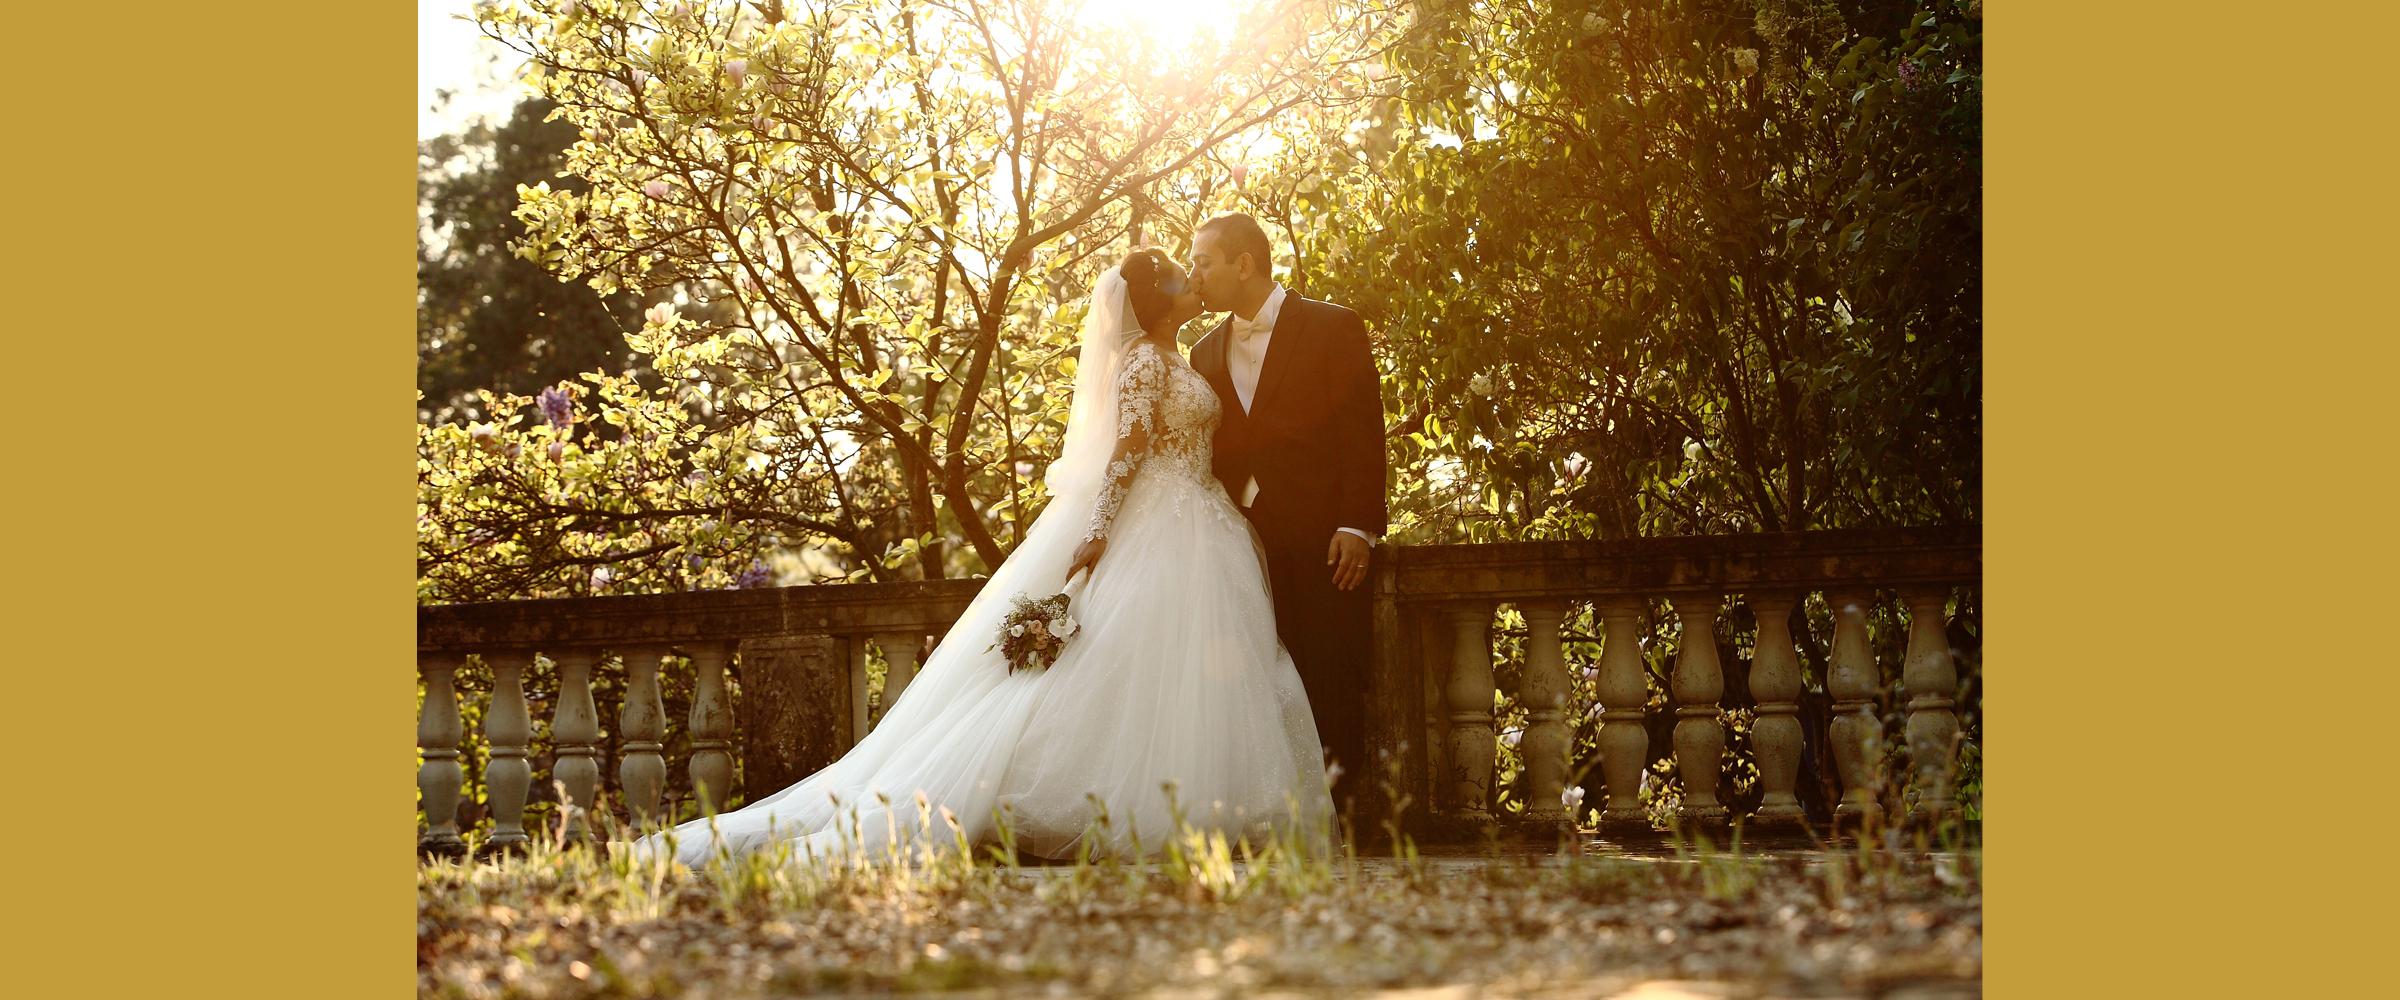 Hochzeitsportrait eines Mannes im dunklen Anzug und einer Frau im weißen Brautkleid mit langer Schleppe (Brautpaar), die eng beieinander stehen und sich, vor einem Geländer stehend, küssen.